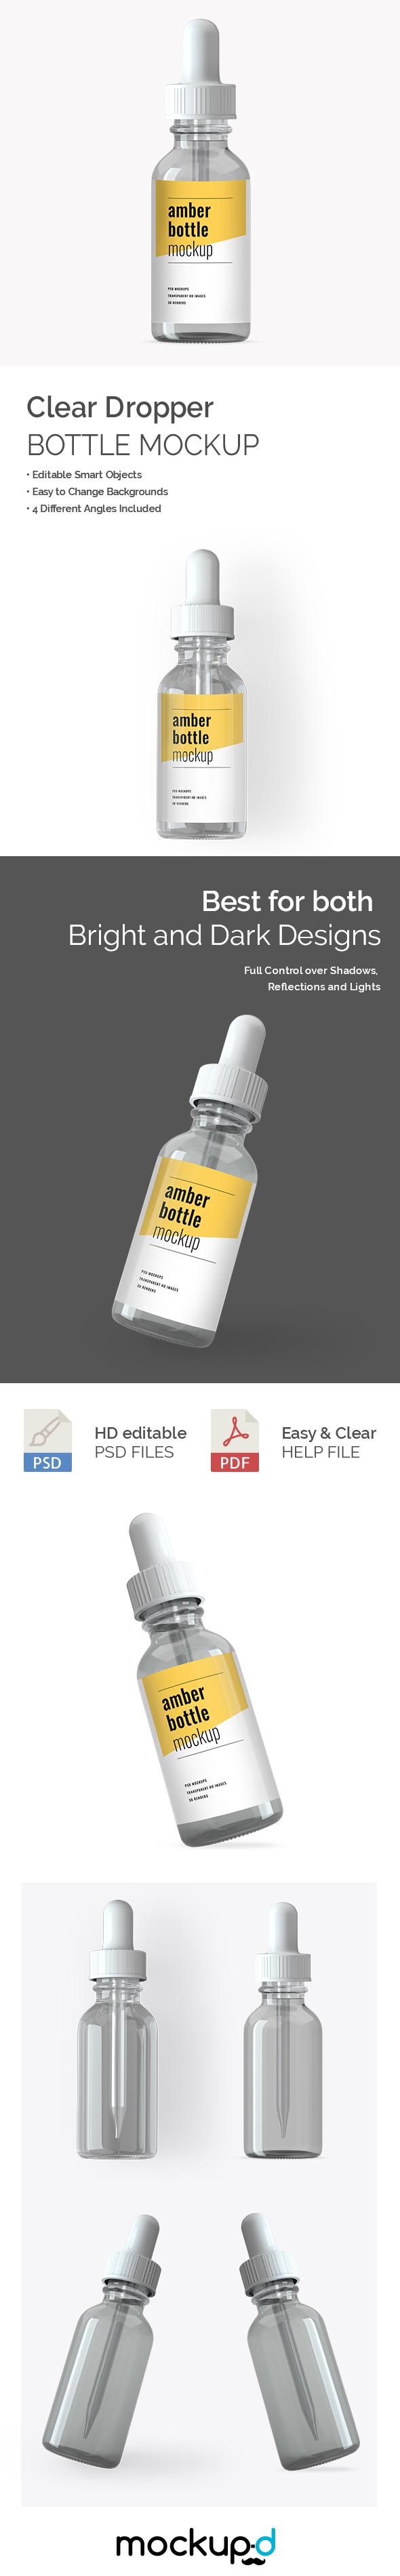 Clear Dropper Bottle Mockup - Mockup Daddy